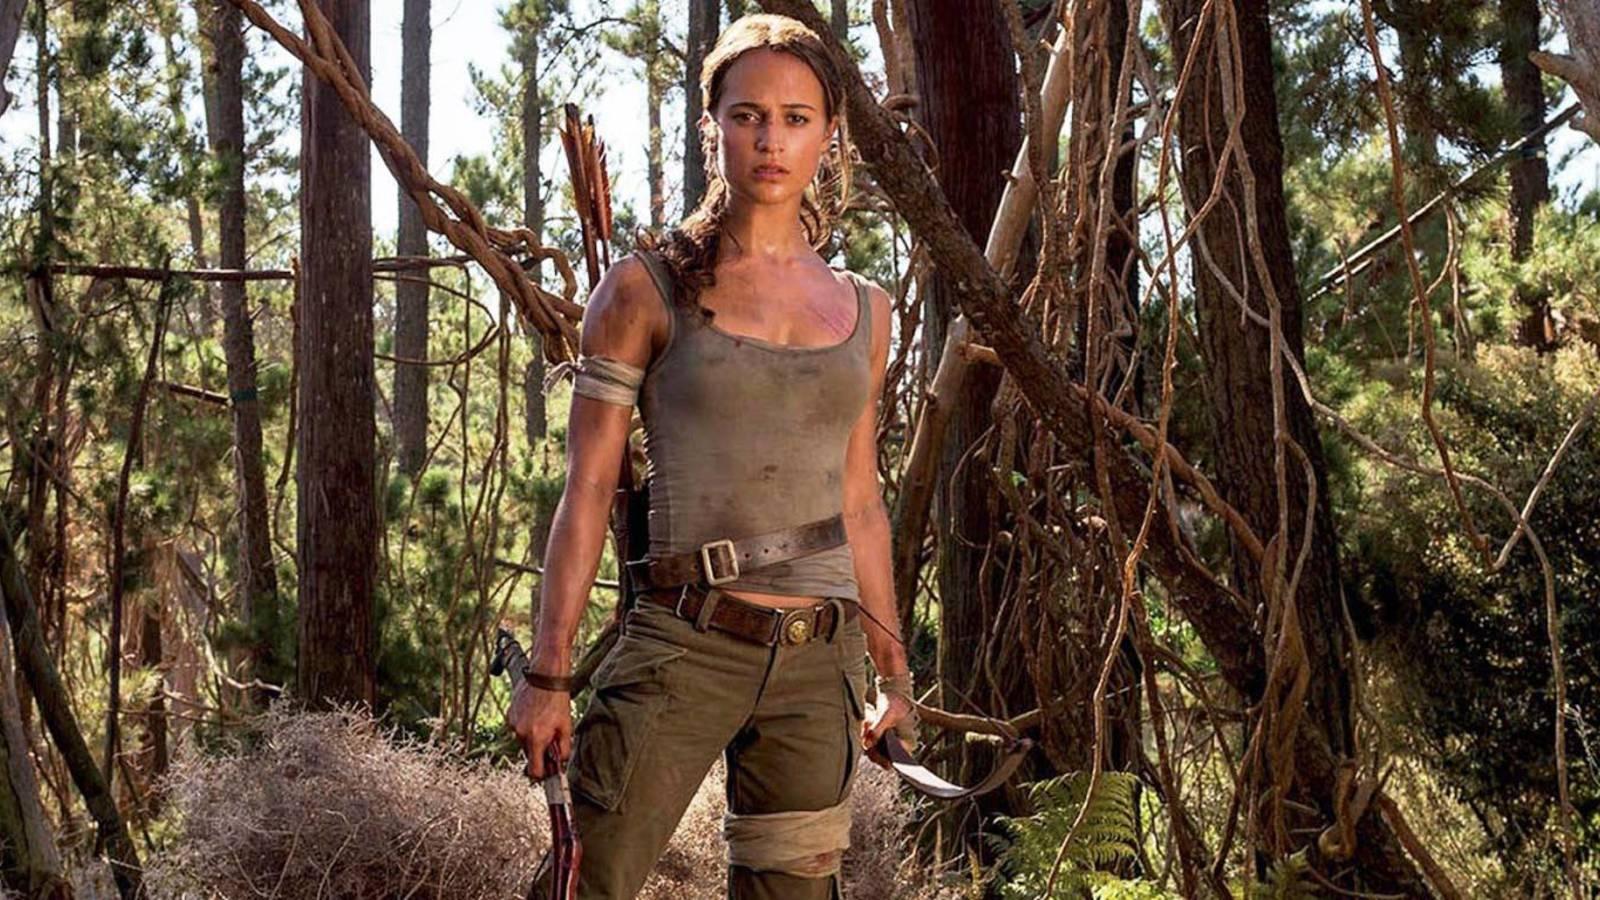 Tomb Raider prepara secuela con Alicia Vikander como Lara Croft